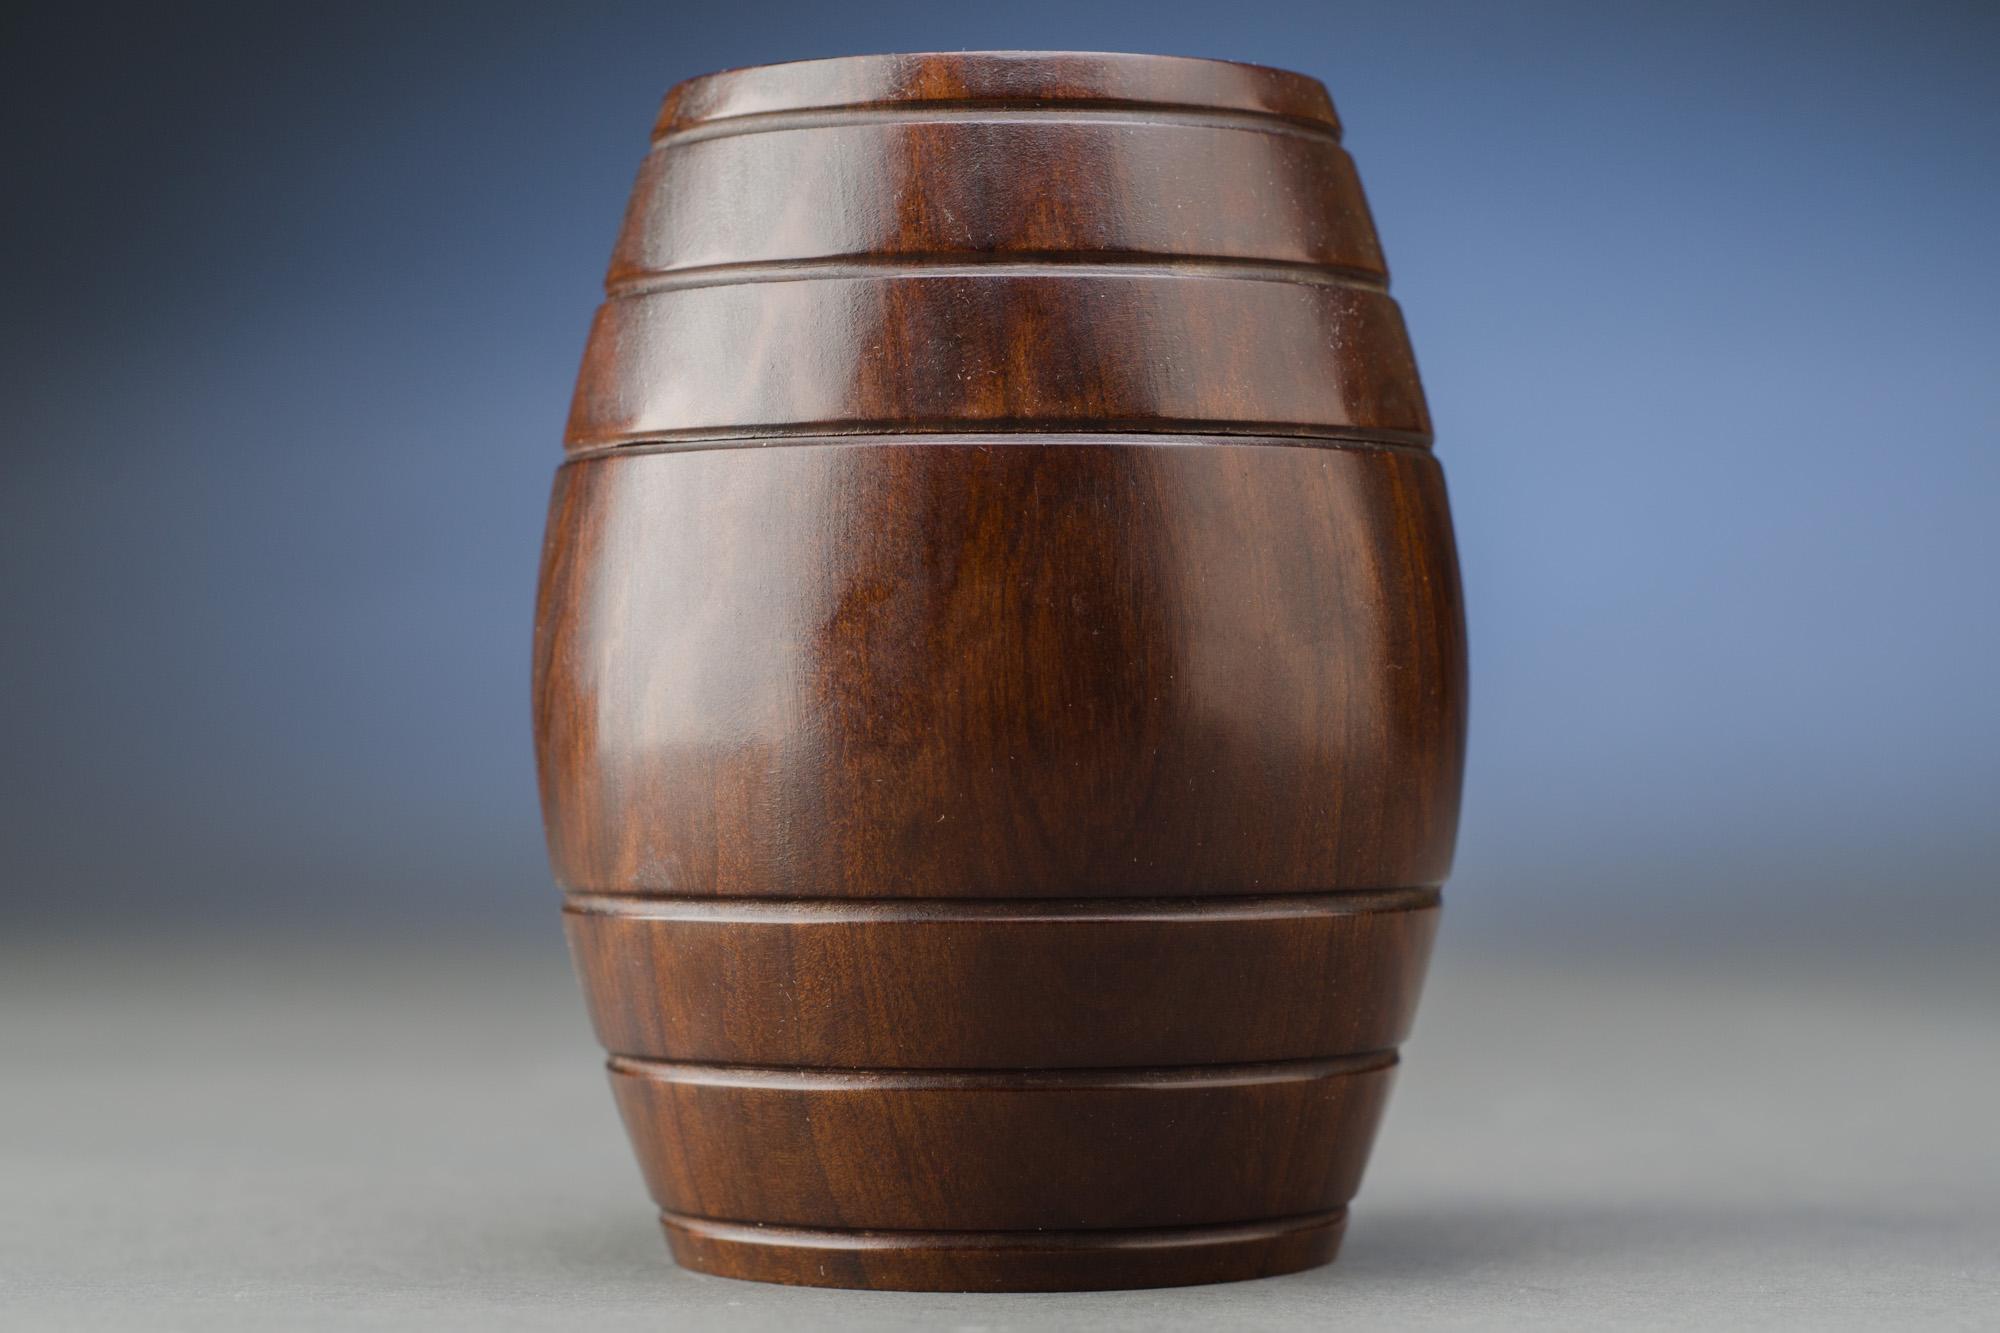 Barrel Shaped Antique Tobacco Box